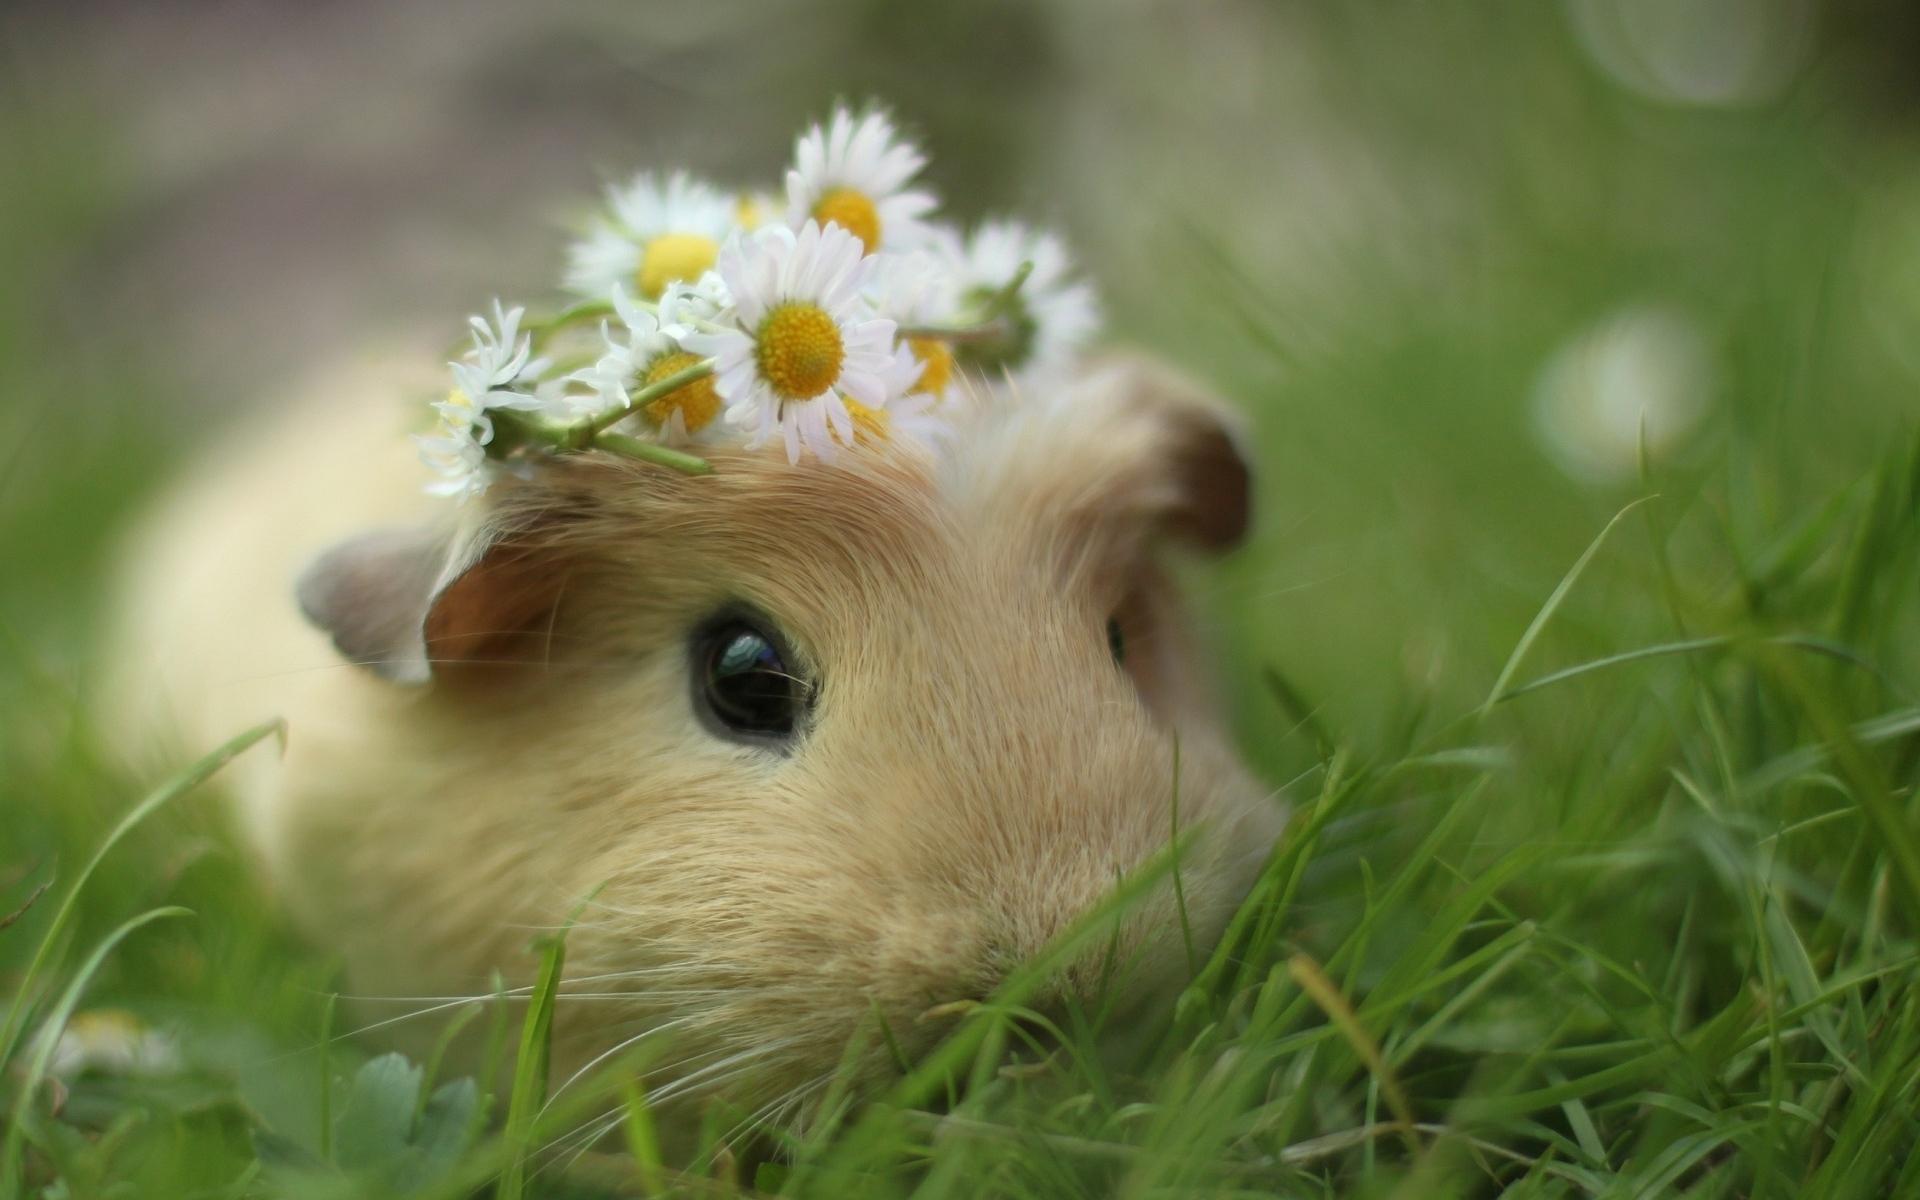 32336 Hintergrundbild herunterladen Tiere, Nagetiere, Meerschweinchen - Bildschirmschoner und Bilder kostenlos